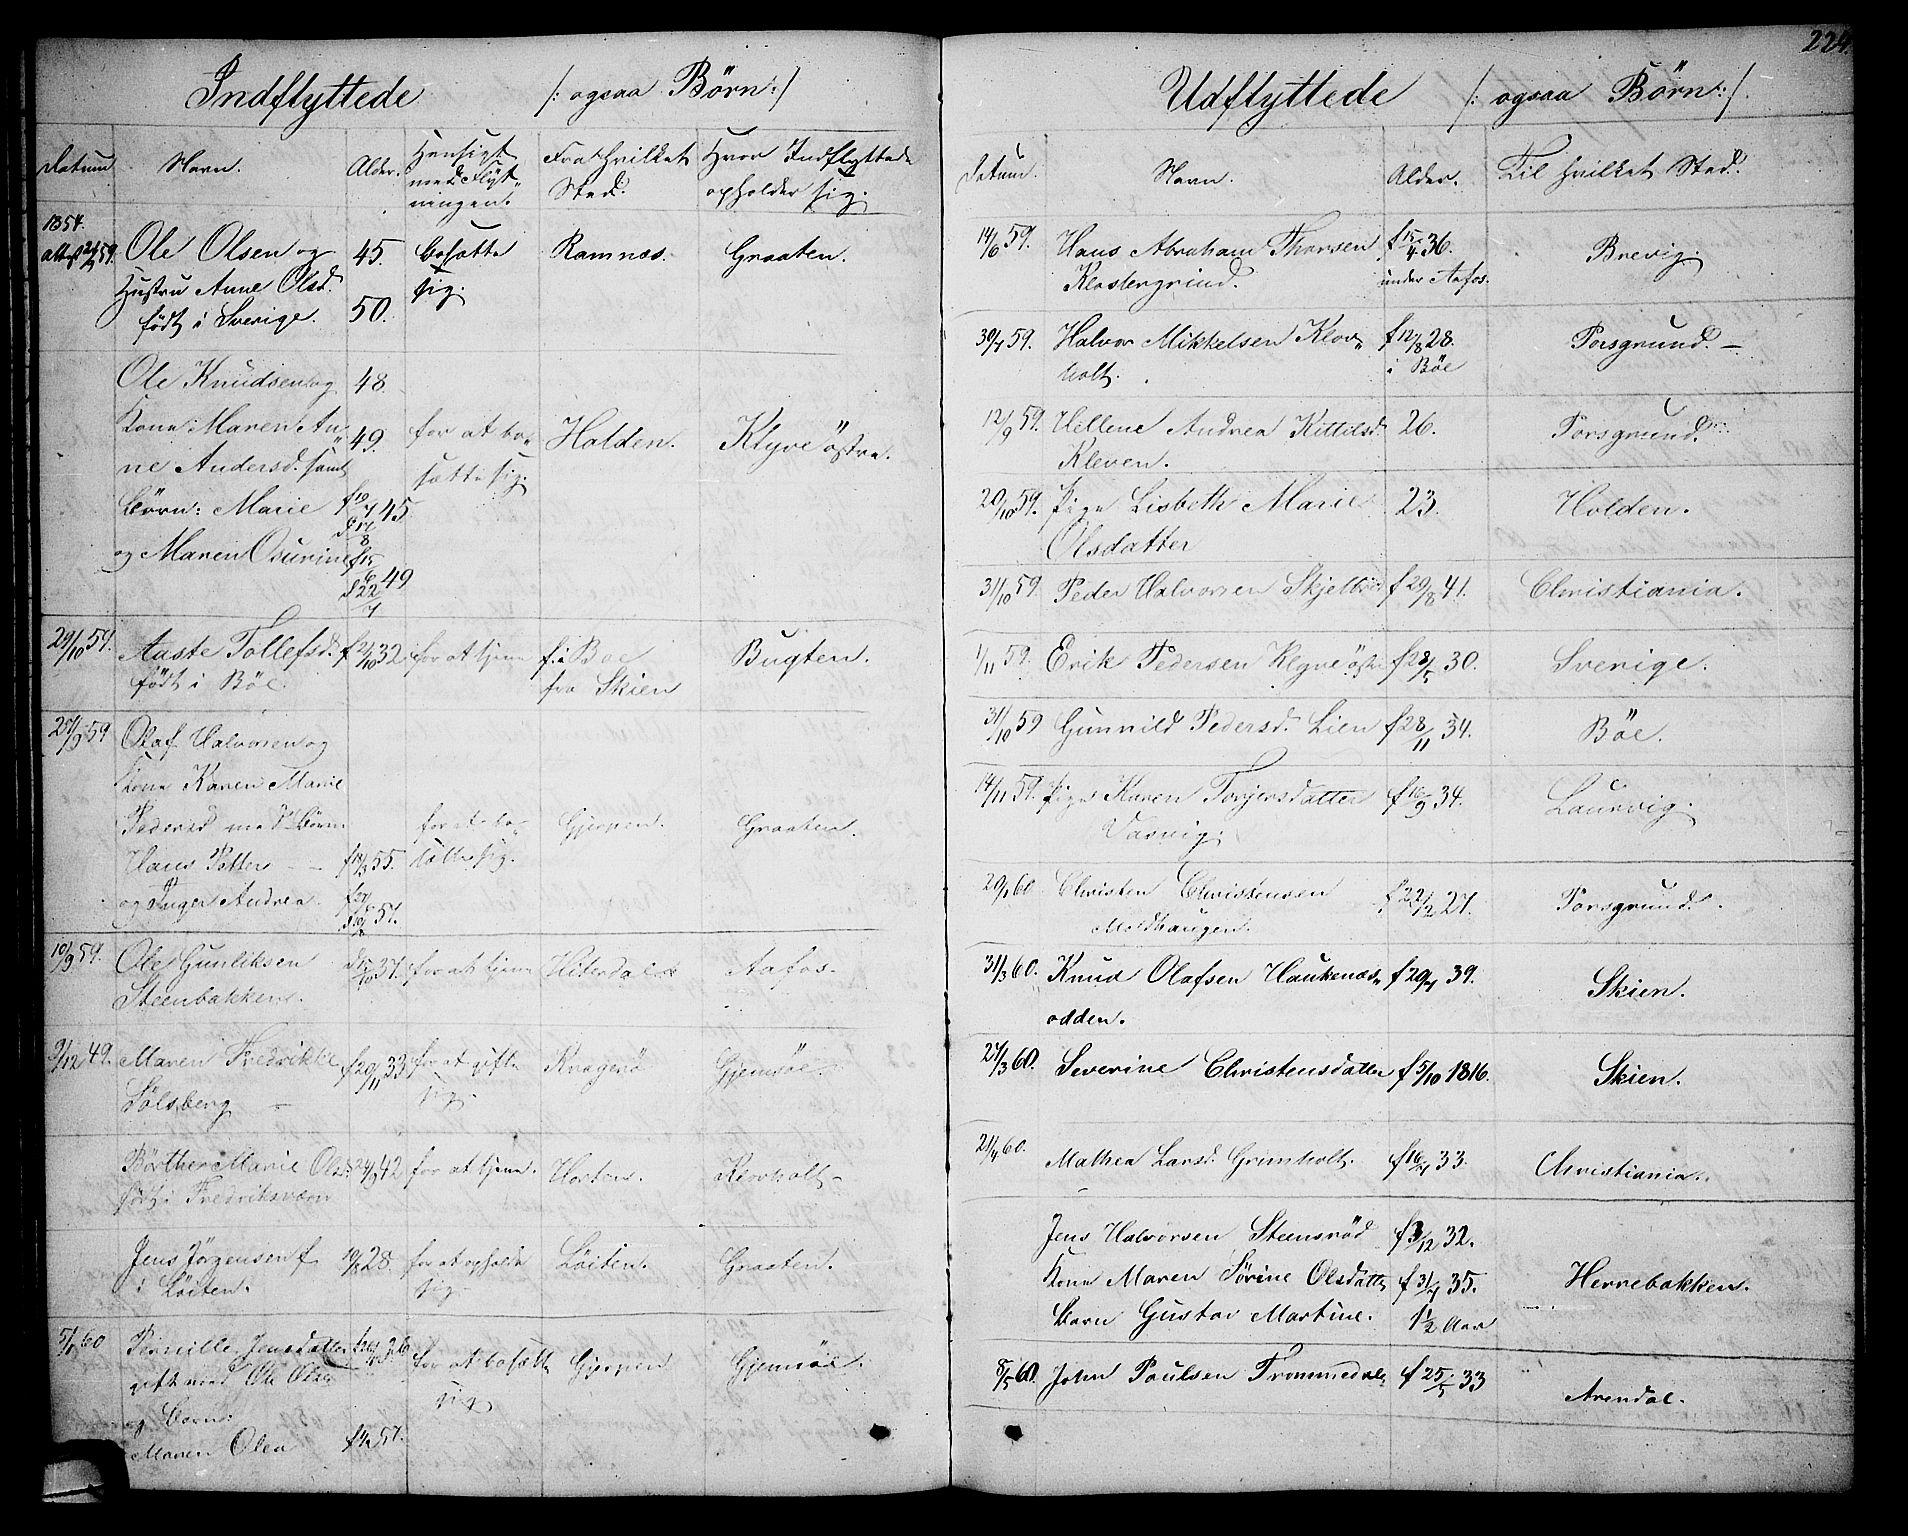 SAKO, Solum kirkebøker, G/Ga/L0004: Klokkerbok nr. I 4, 1859-1876, s. 224